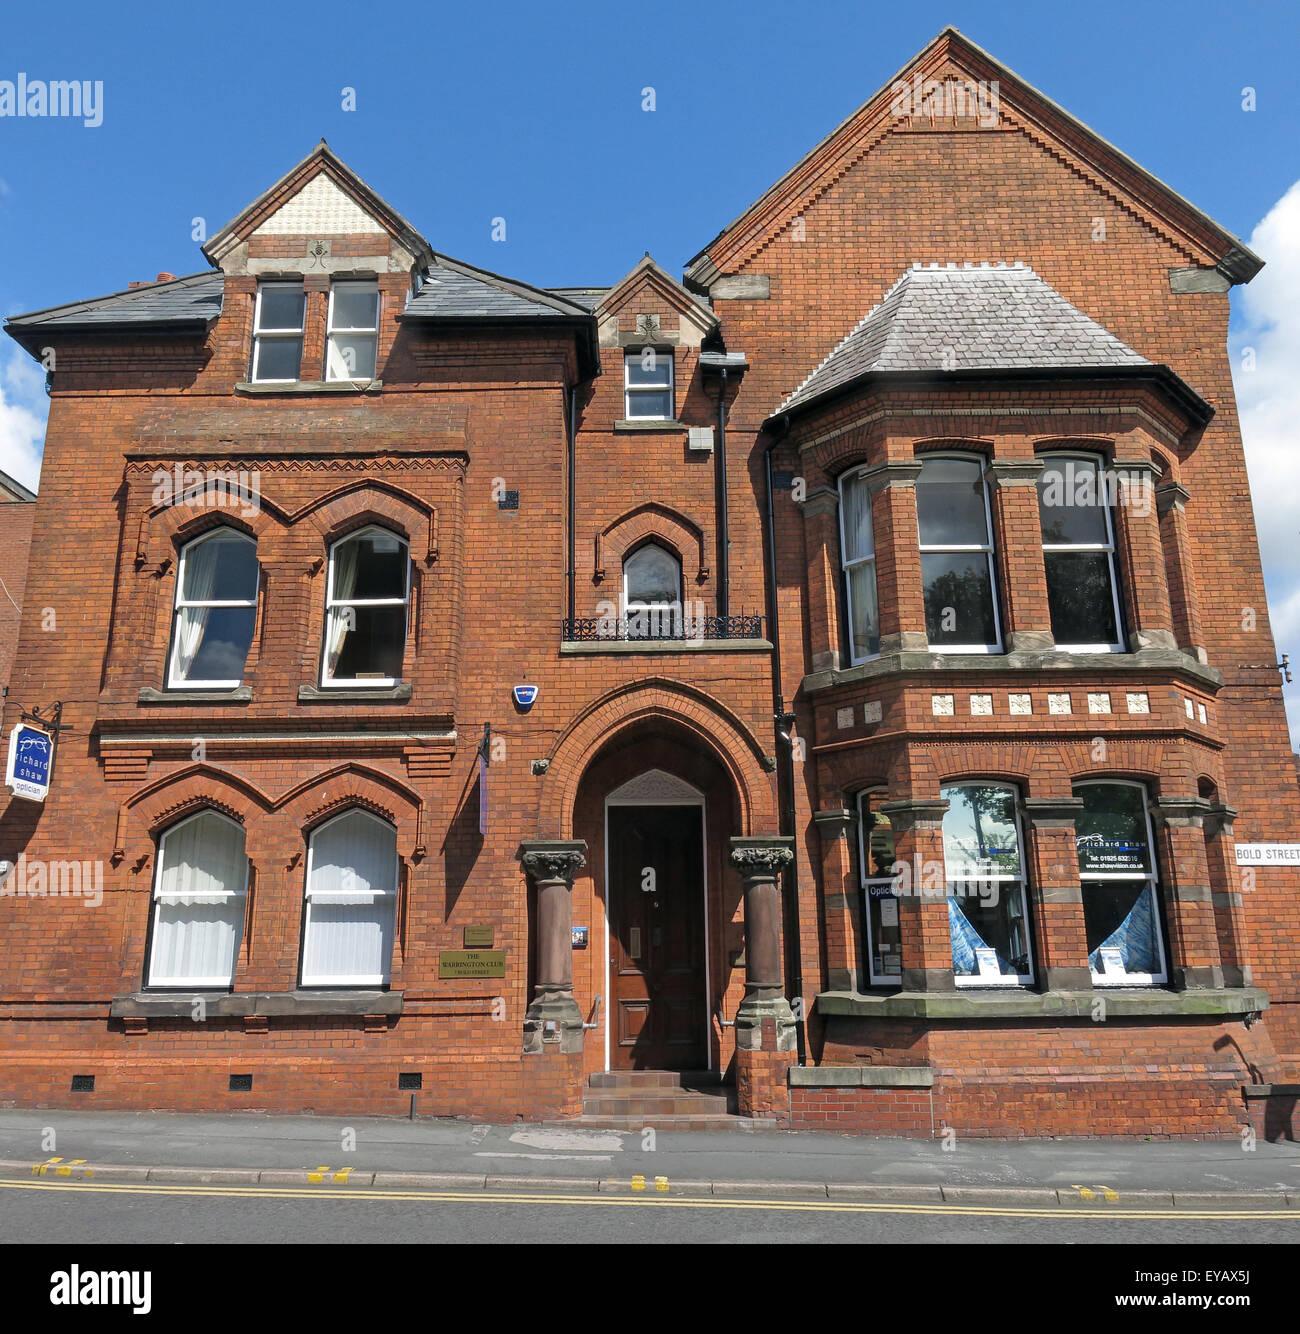 Laden Sie dieses Alamy Stockfoto Warrington-Club, Fett St, Cheshire, England, Vereinigtes Königreich - EYAX5J